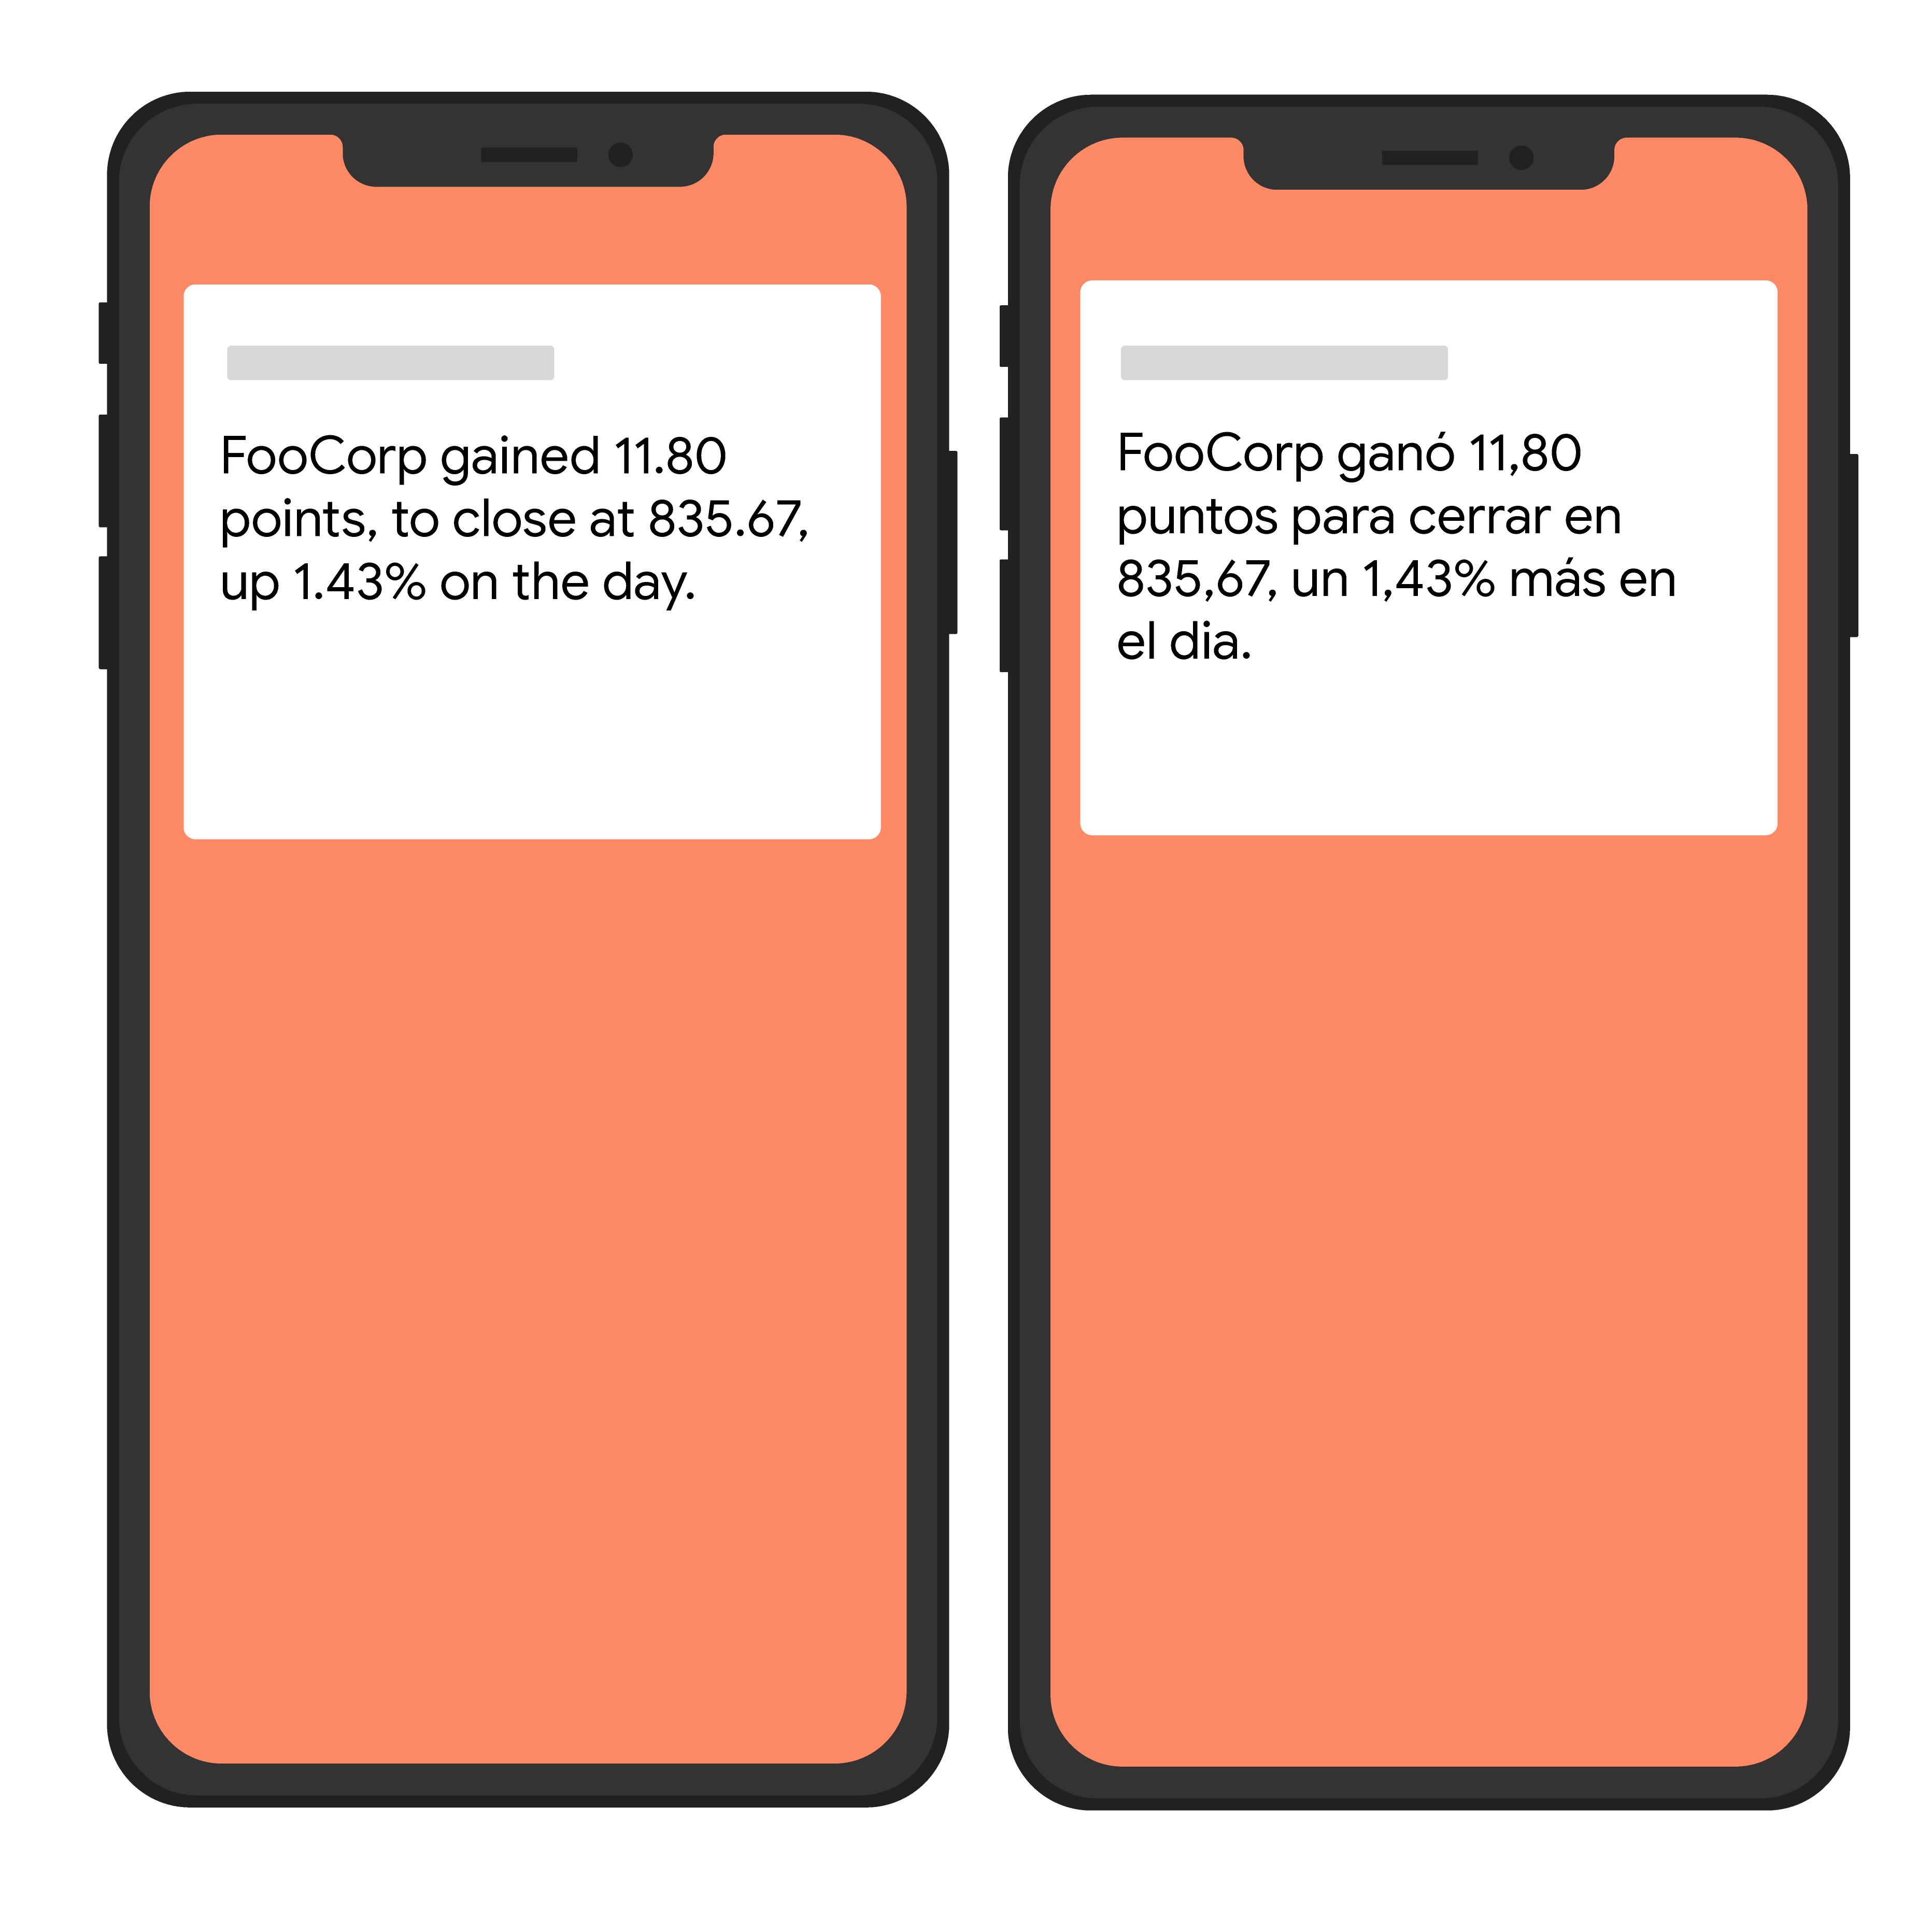 Gambar sederhana dua perangkat yang menampilkan teks dalam bahasa Inggris dan Spanyol